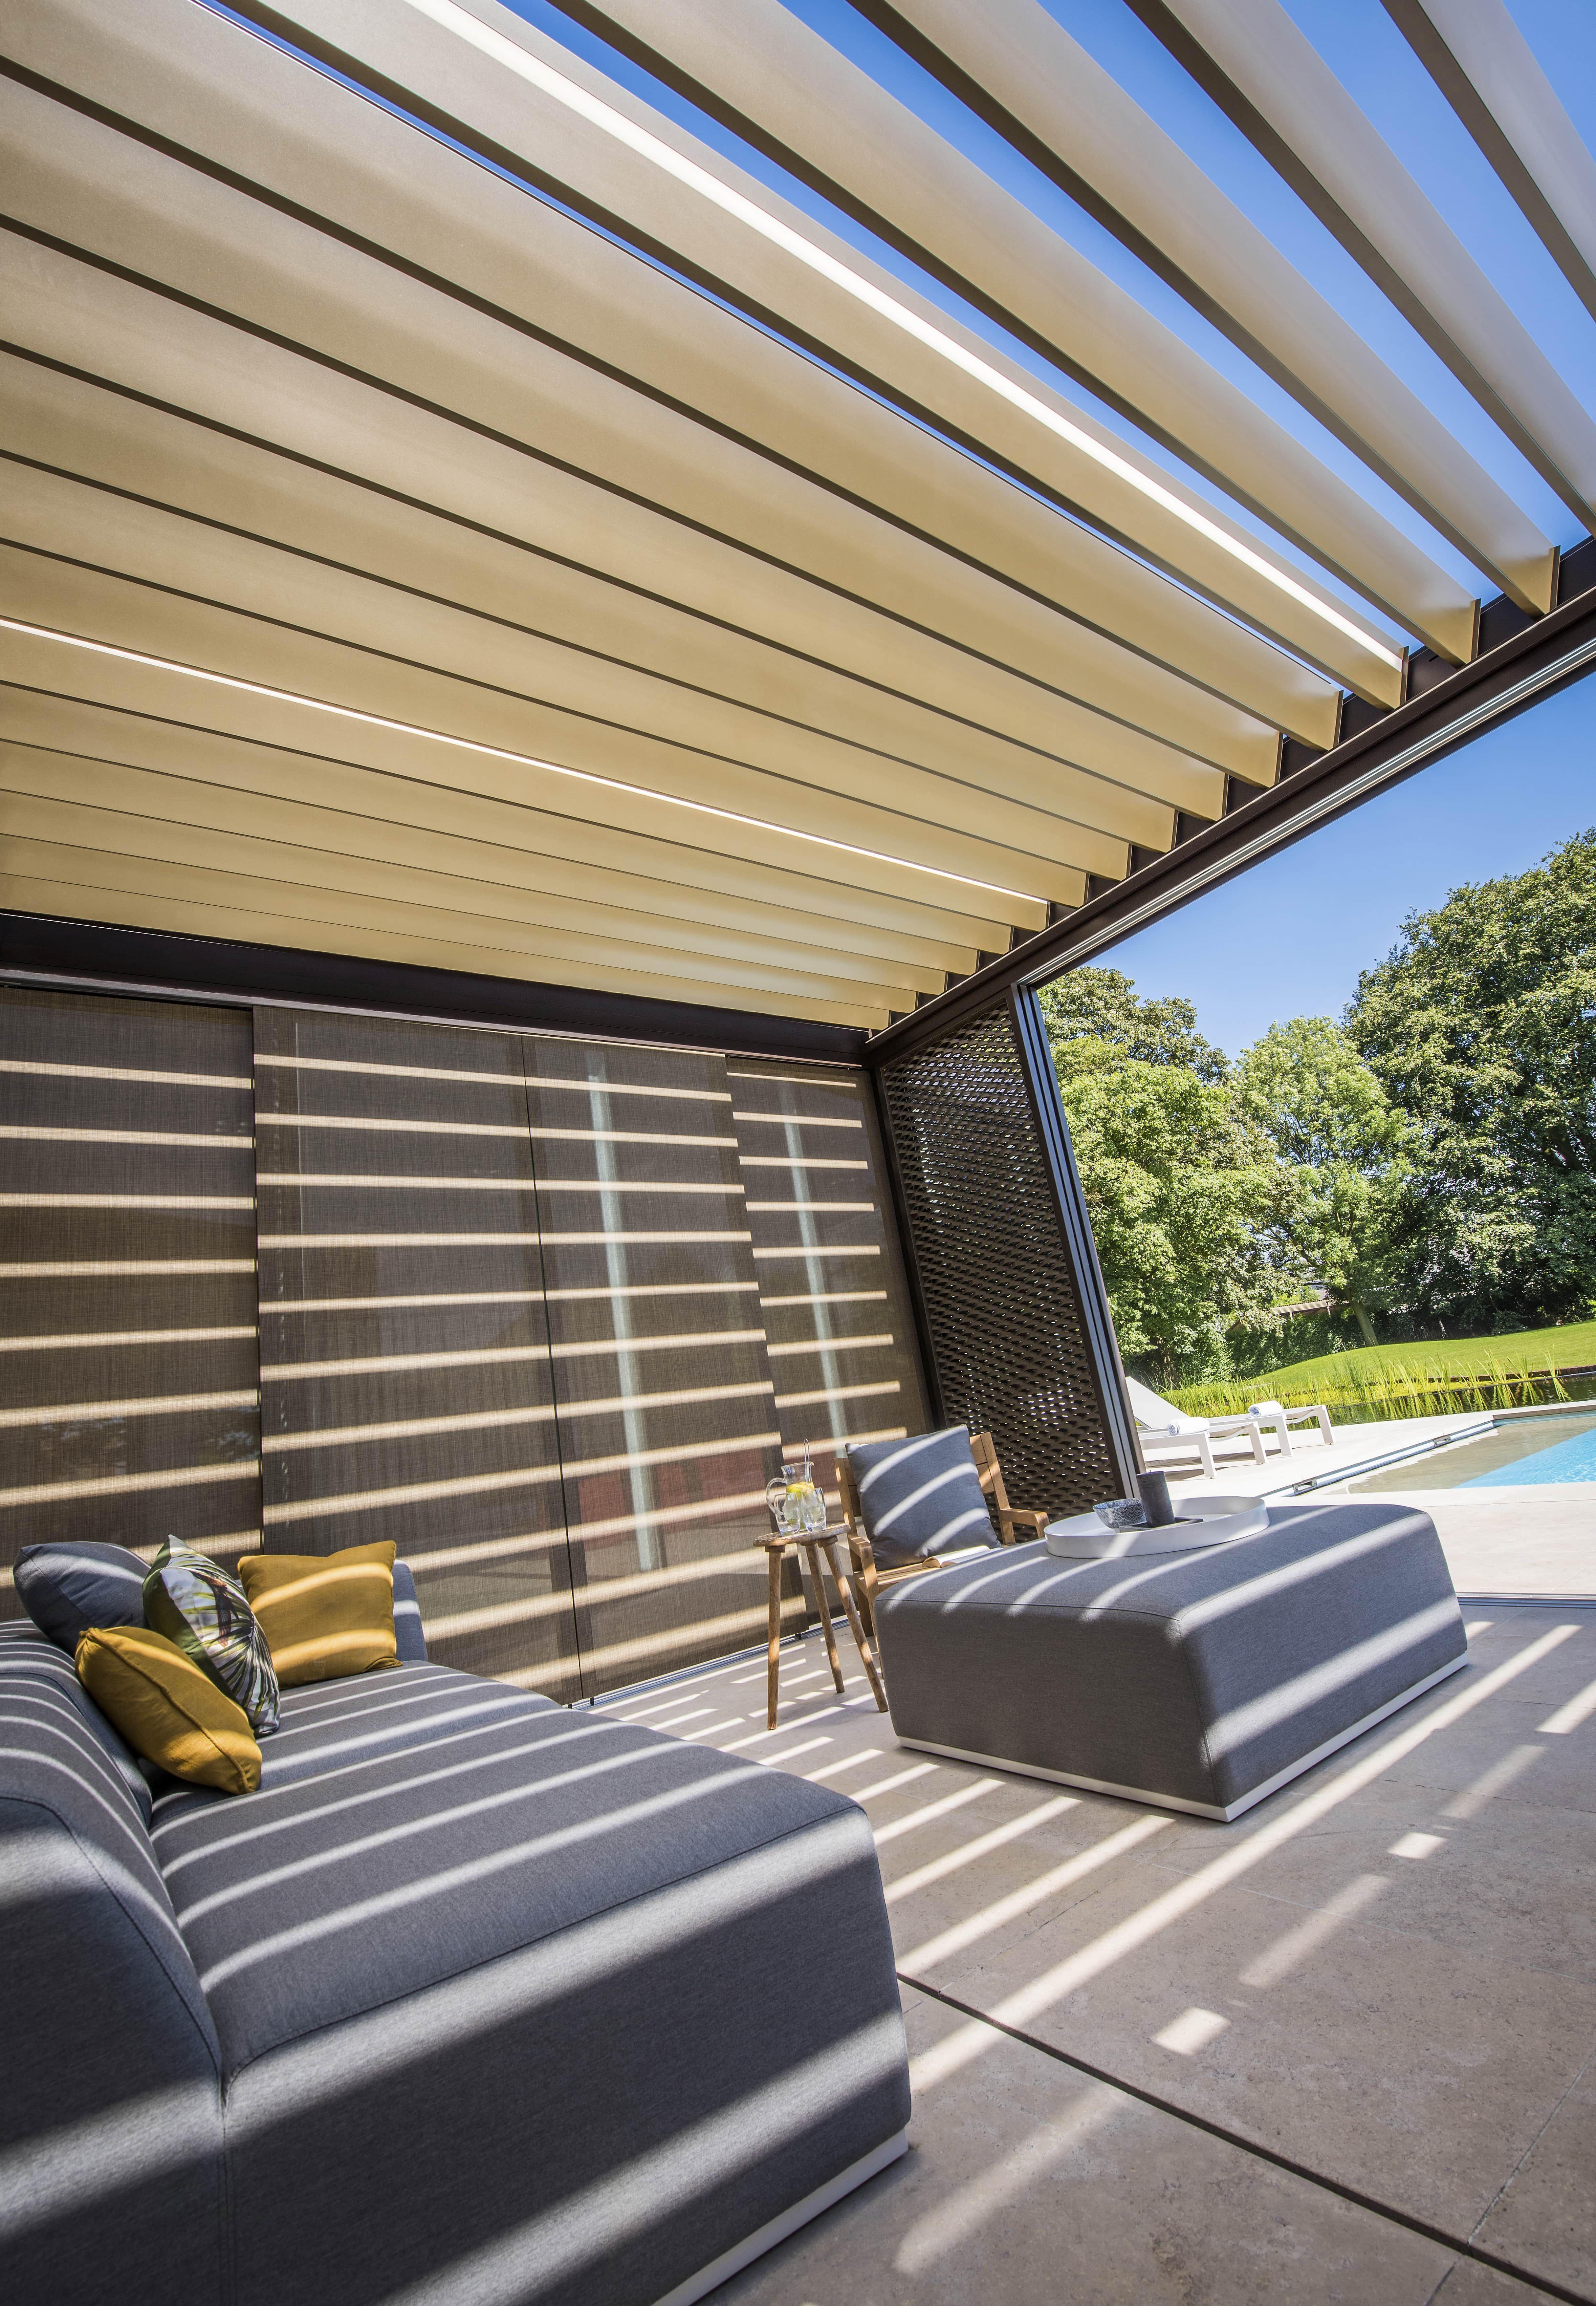 Gemutliche Terrasse Mit Loungemobeln Und Lamellendach